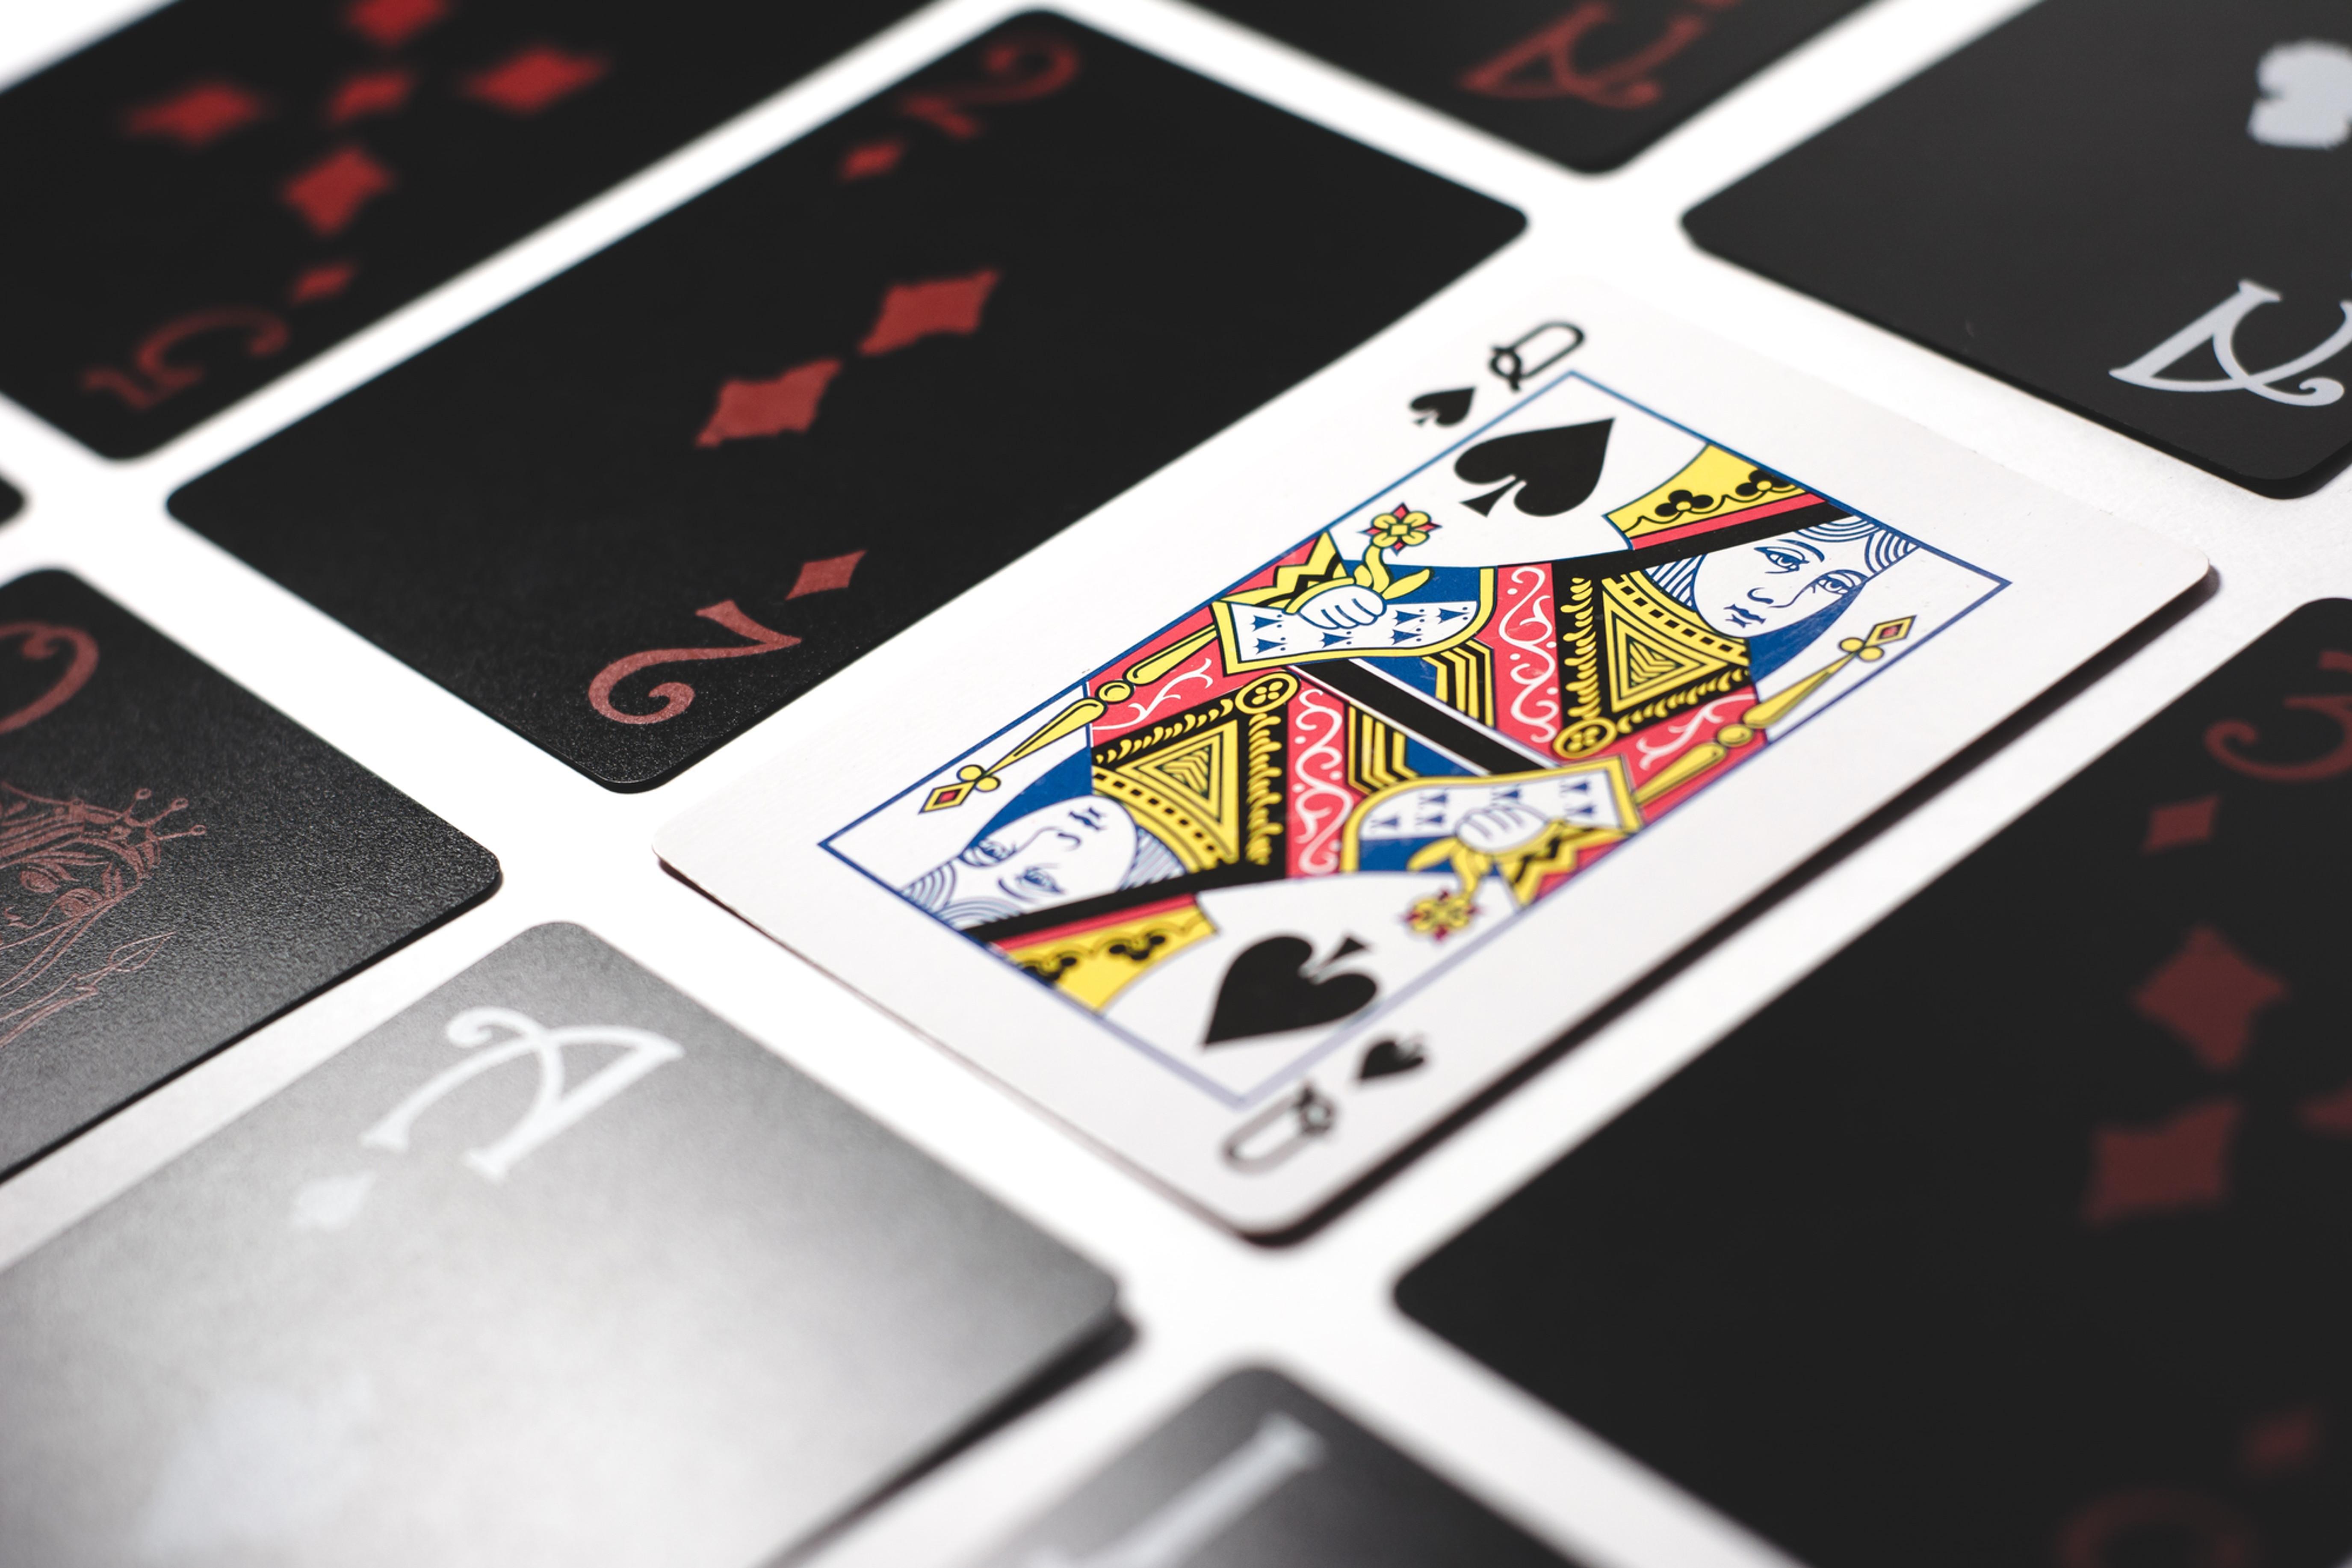 ASIAN GAMES (LA CASINOS)